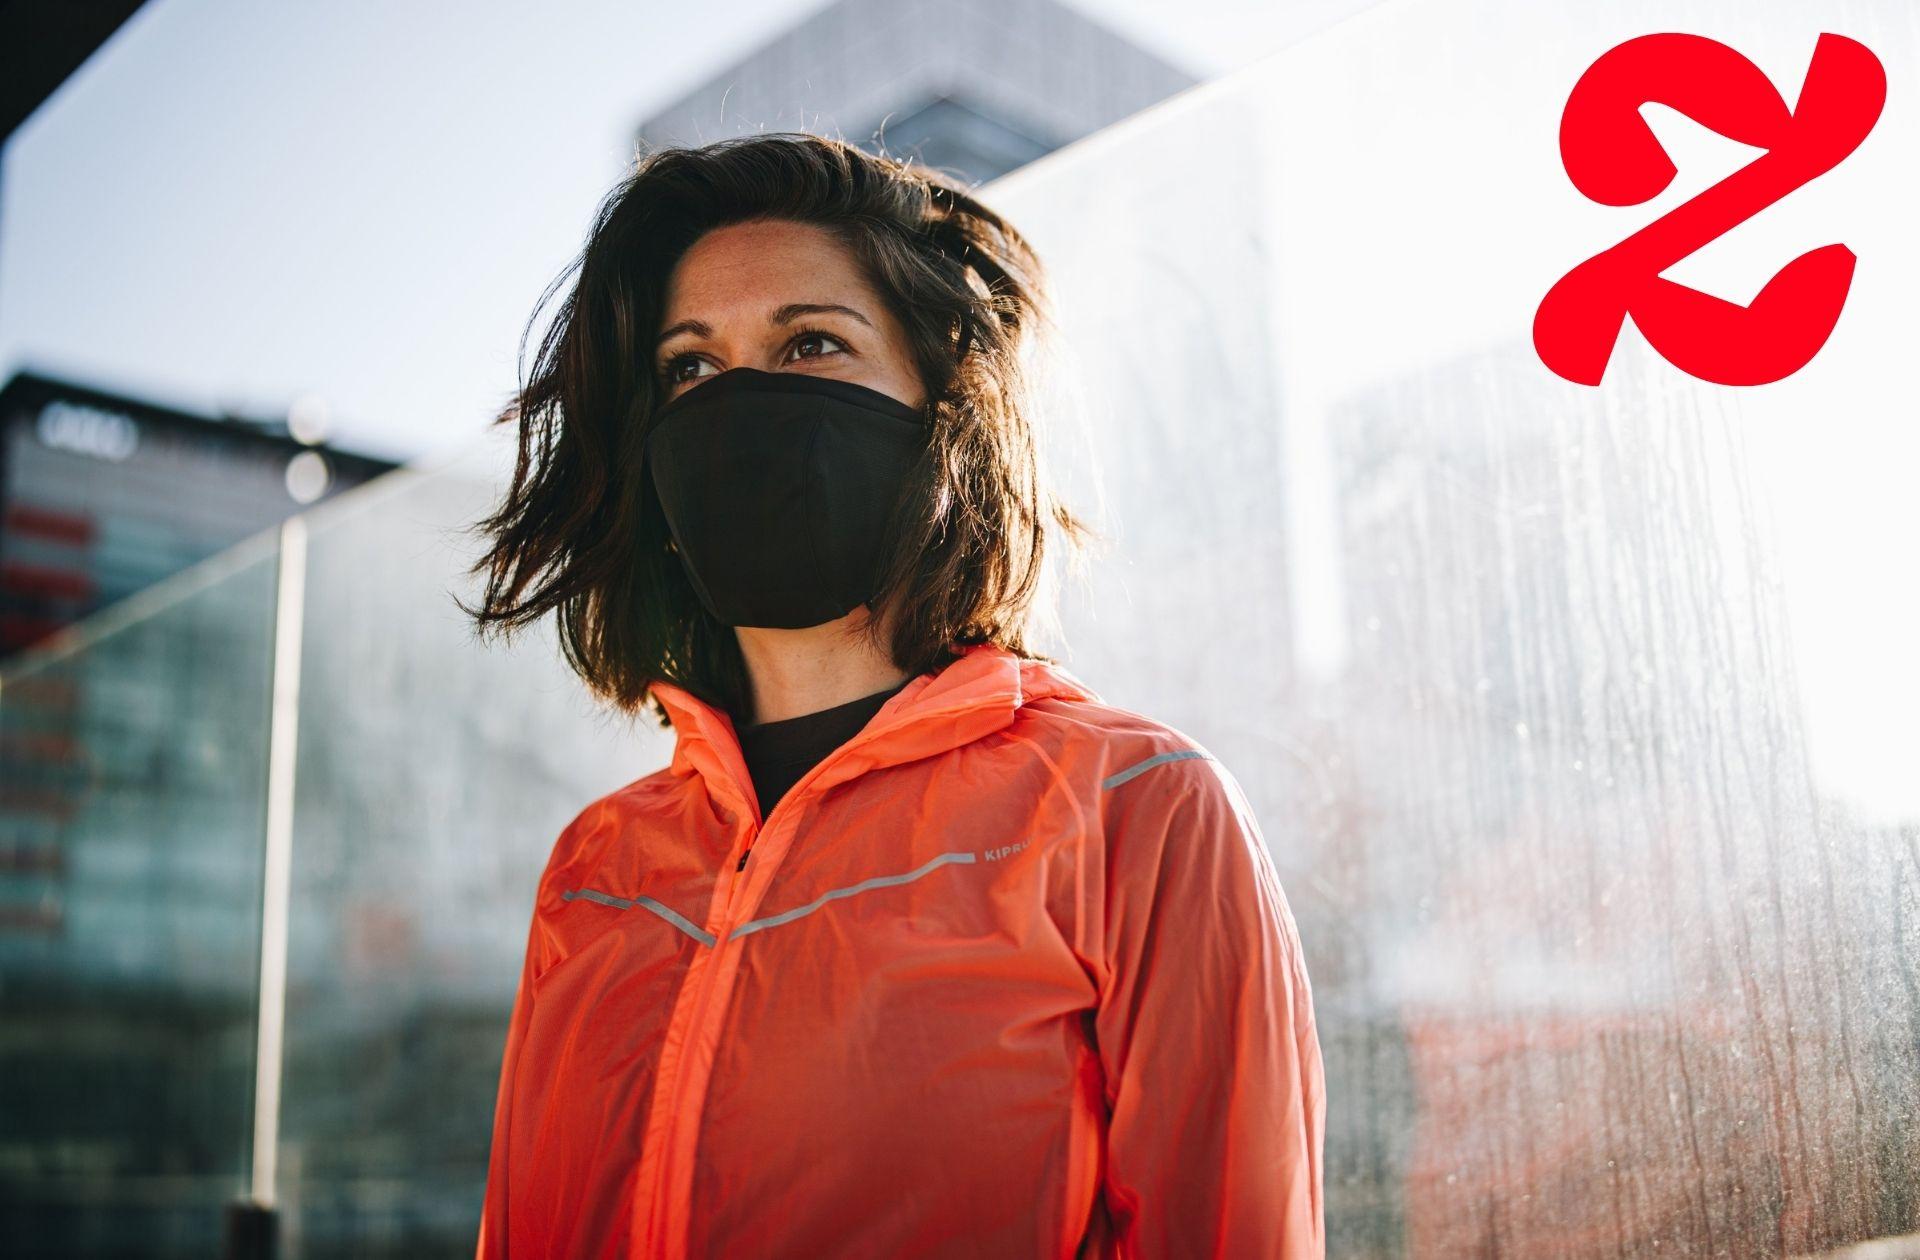 Le masque anti-Covid « spécial sport » de Decathlon, ça change quoi au juste ?